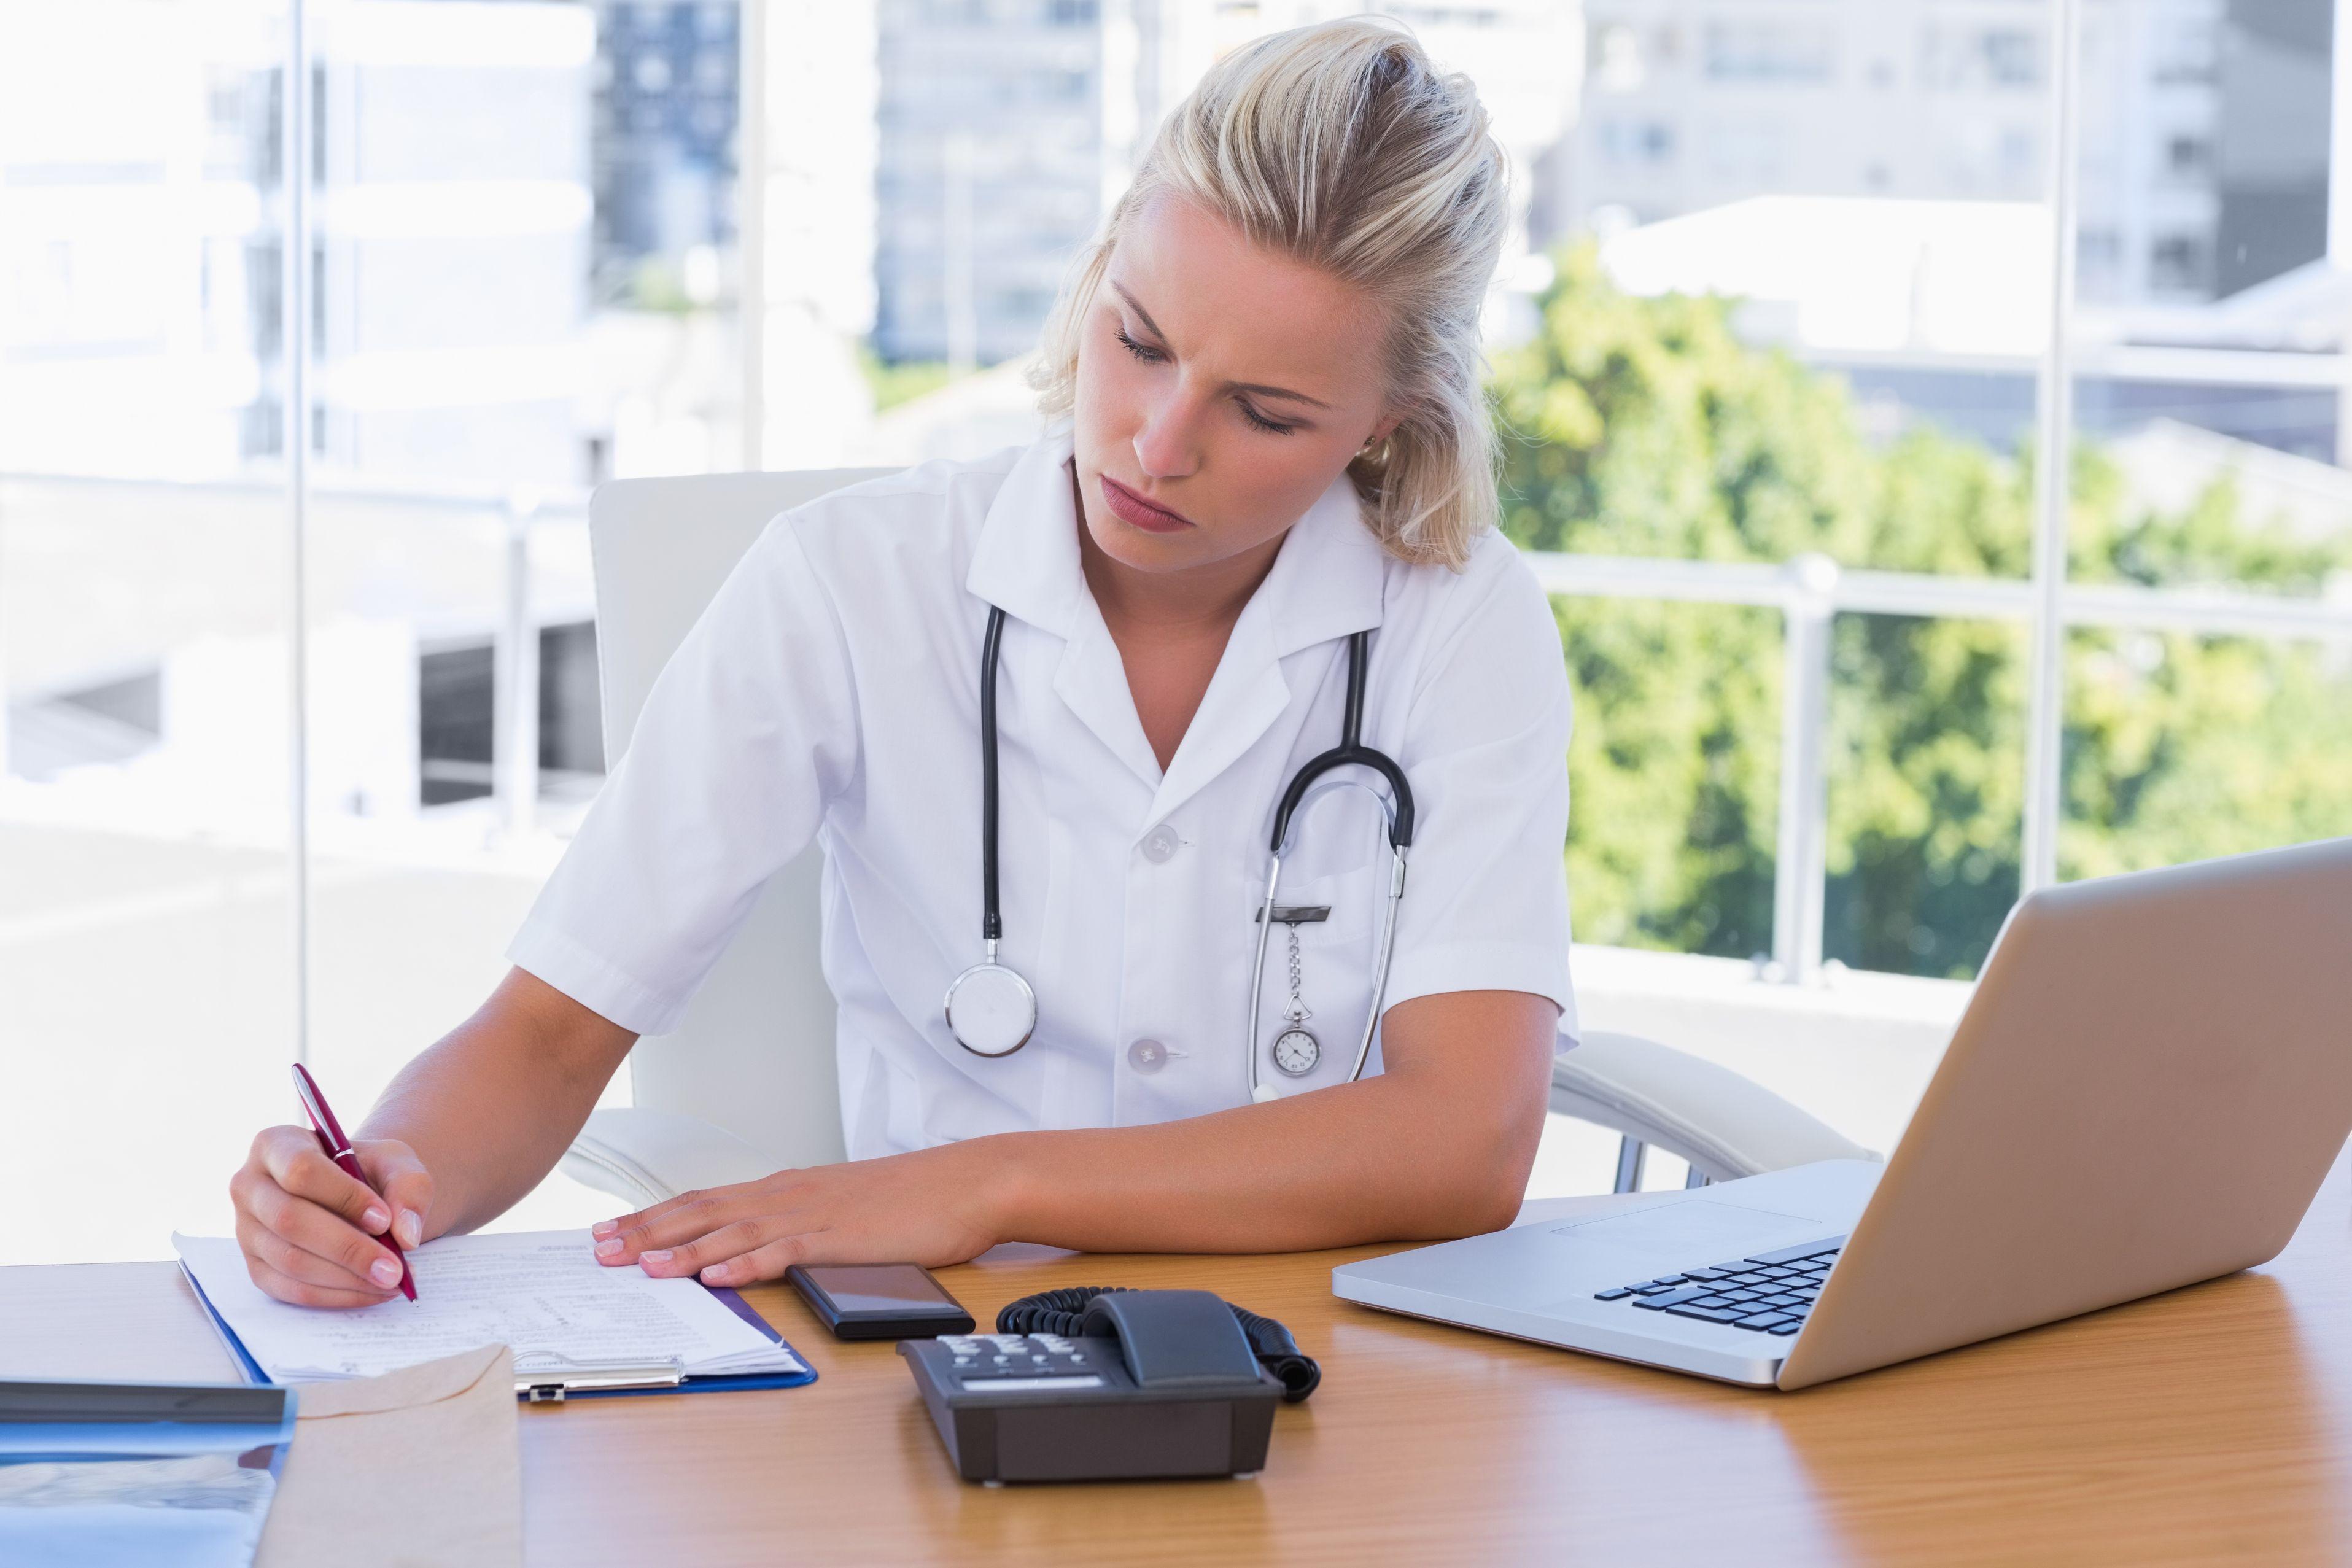 El Colegio de Enfermería de Alicante acoge una jornada sobre investigación enfermera